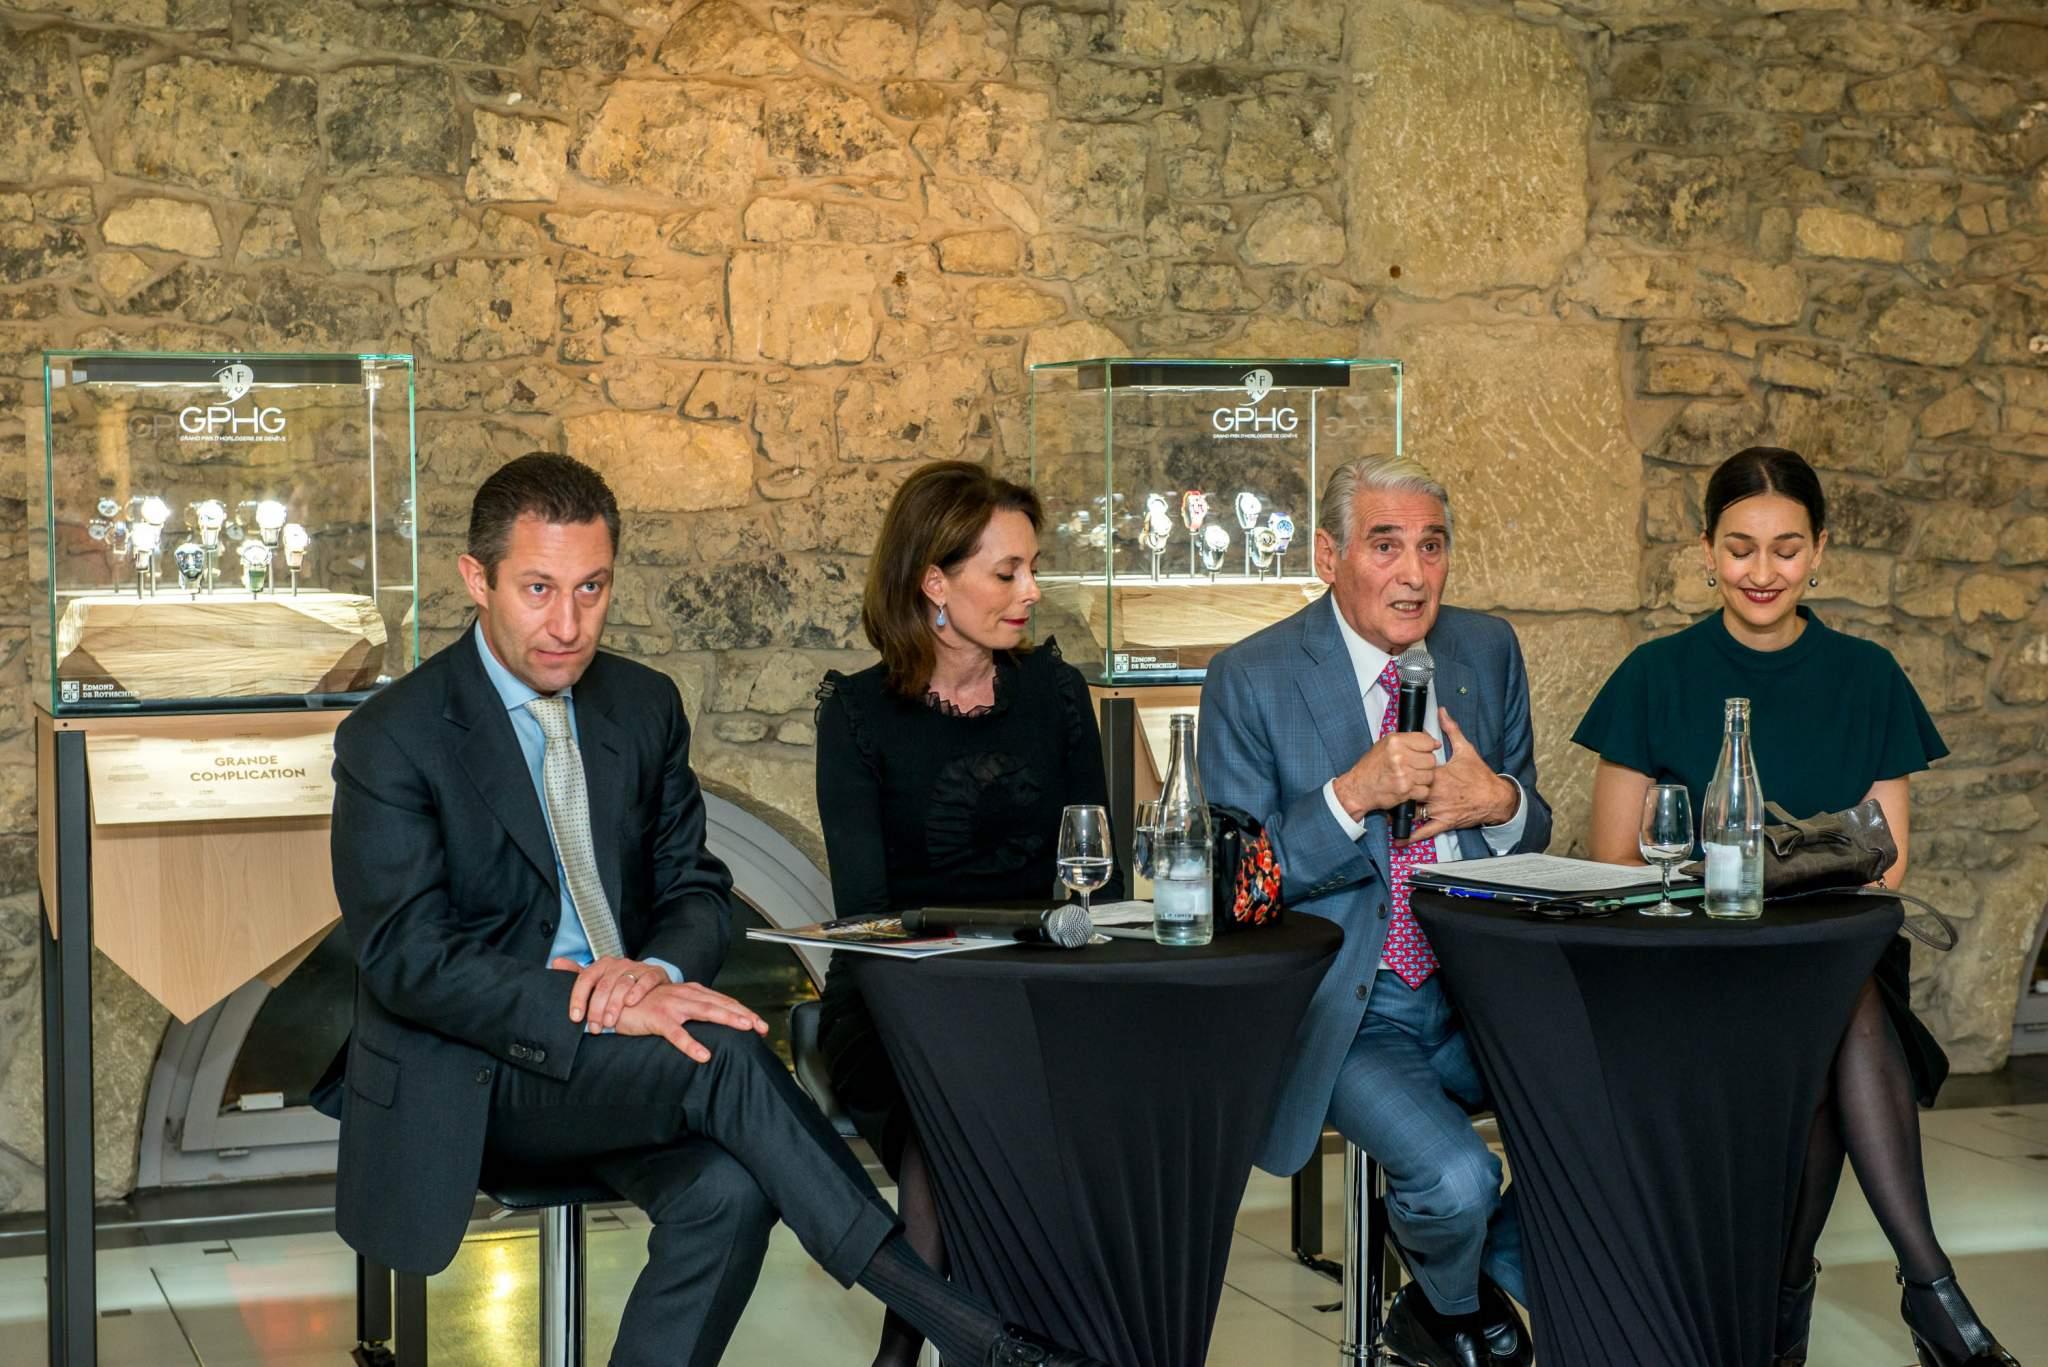 Aurel Bacs (Président du jury du GPHG), Valérie Boscat (Directrice Communication du groupe Edmond de Rothschild (Suisse) S.A.), Carlo Lamprecht (Président de la Fondation du GPHG) et Carine Maillard (Directrice de la Fondation du GPHG) lors de l'exposition du GPHG 2013 à Genève